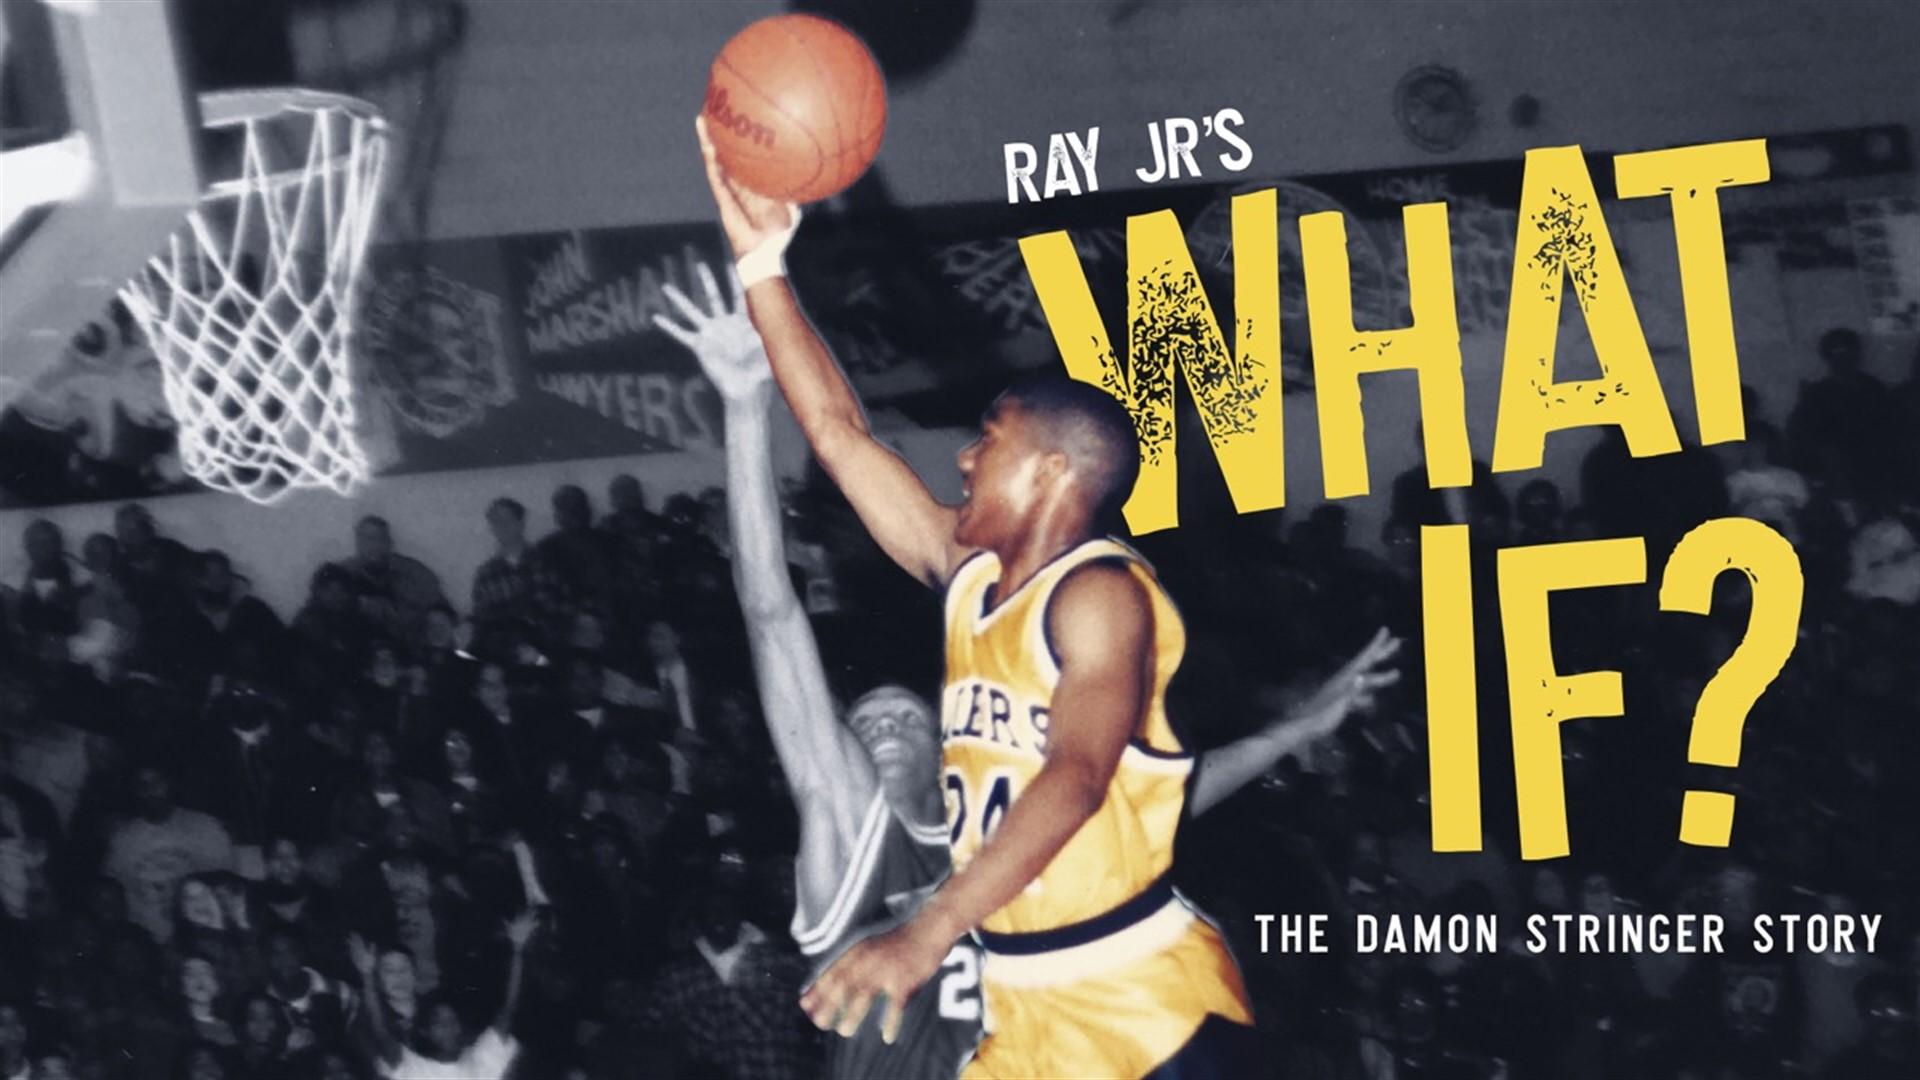 Ray Jr's The Damon Stringer Story